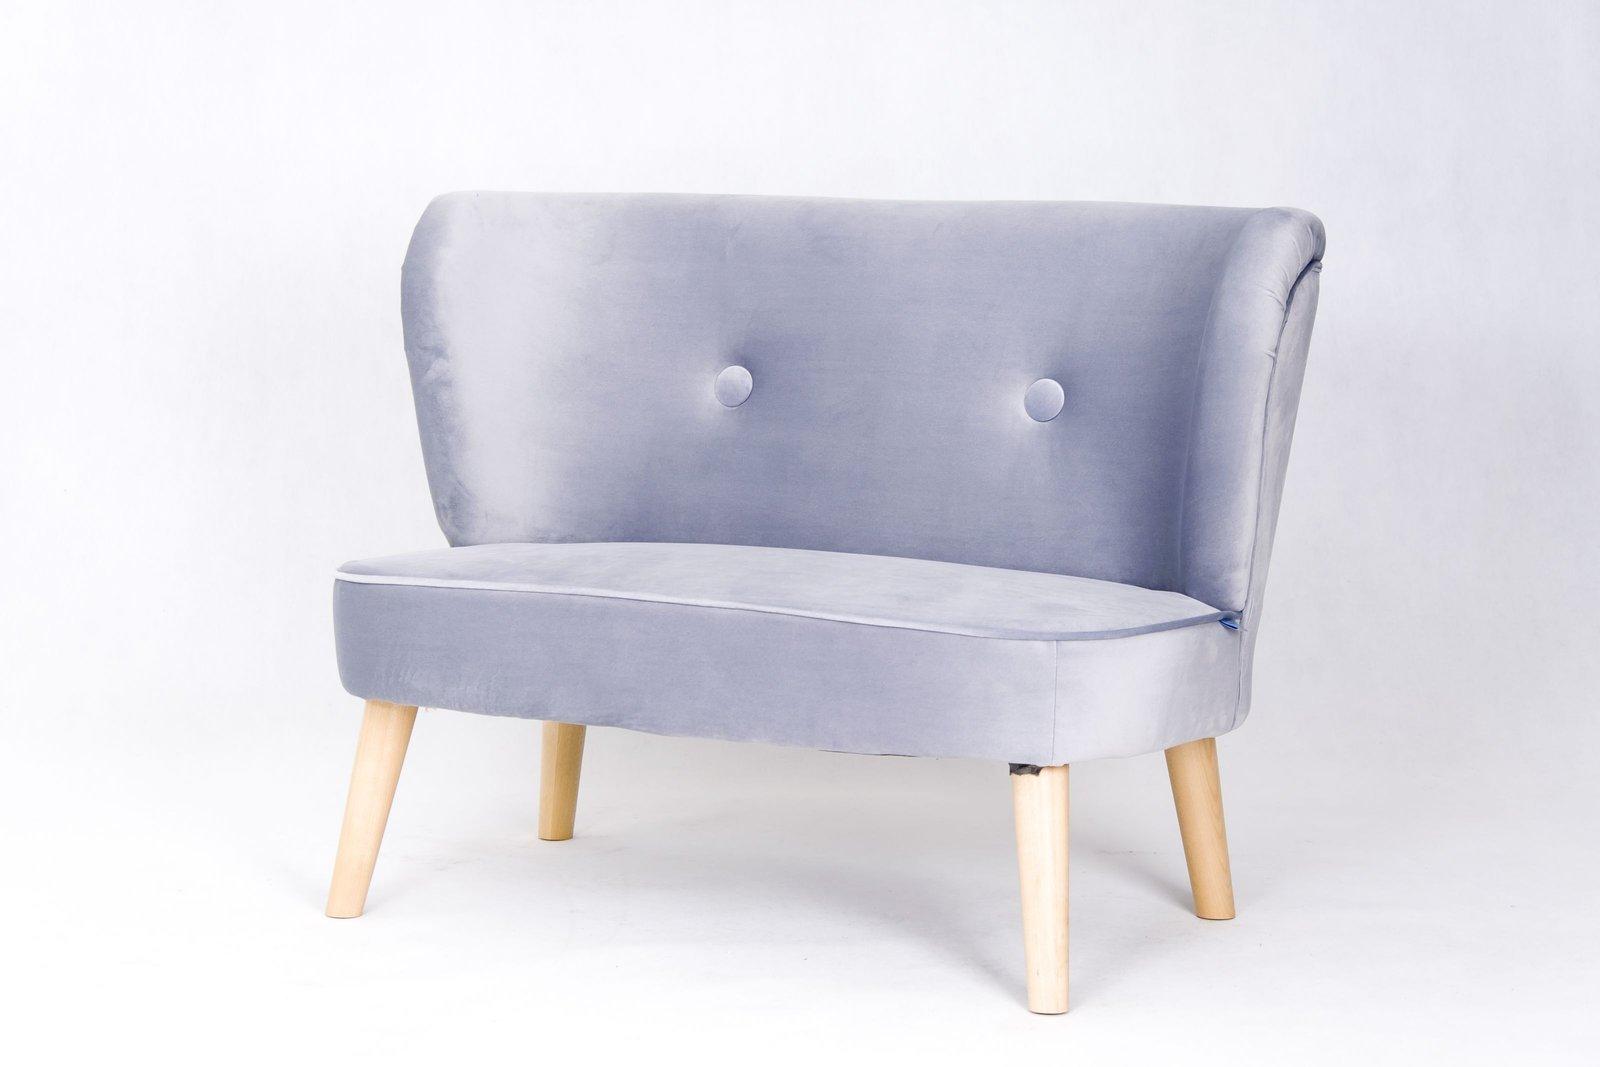 Retro stiliaus sofa vaikams